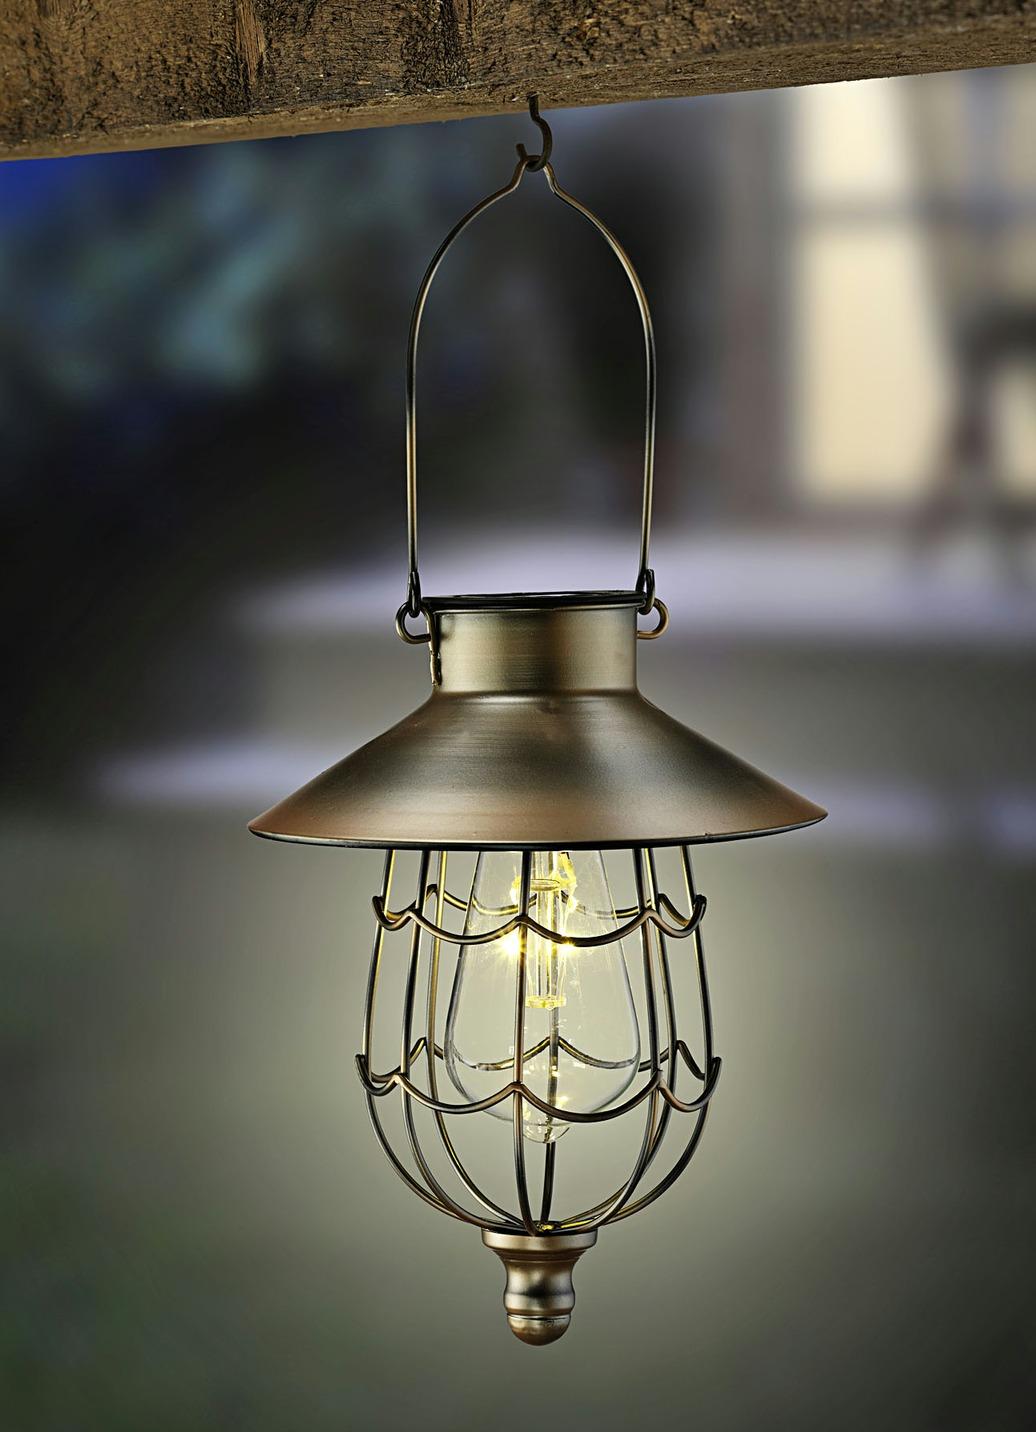 solar h ngeleuchte tirana gartenbeleuchtung brigitte hachenburg. Black Bedroom Furniture Sets. Home Design Ideas